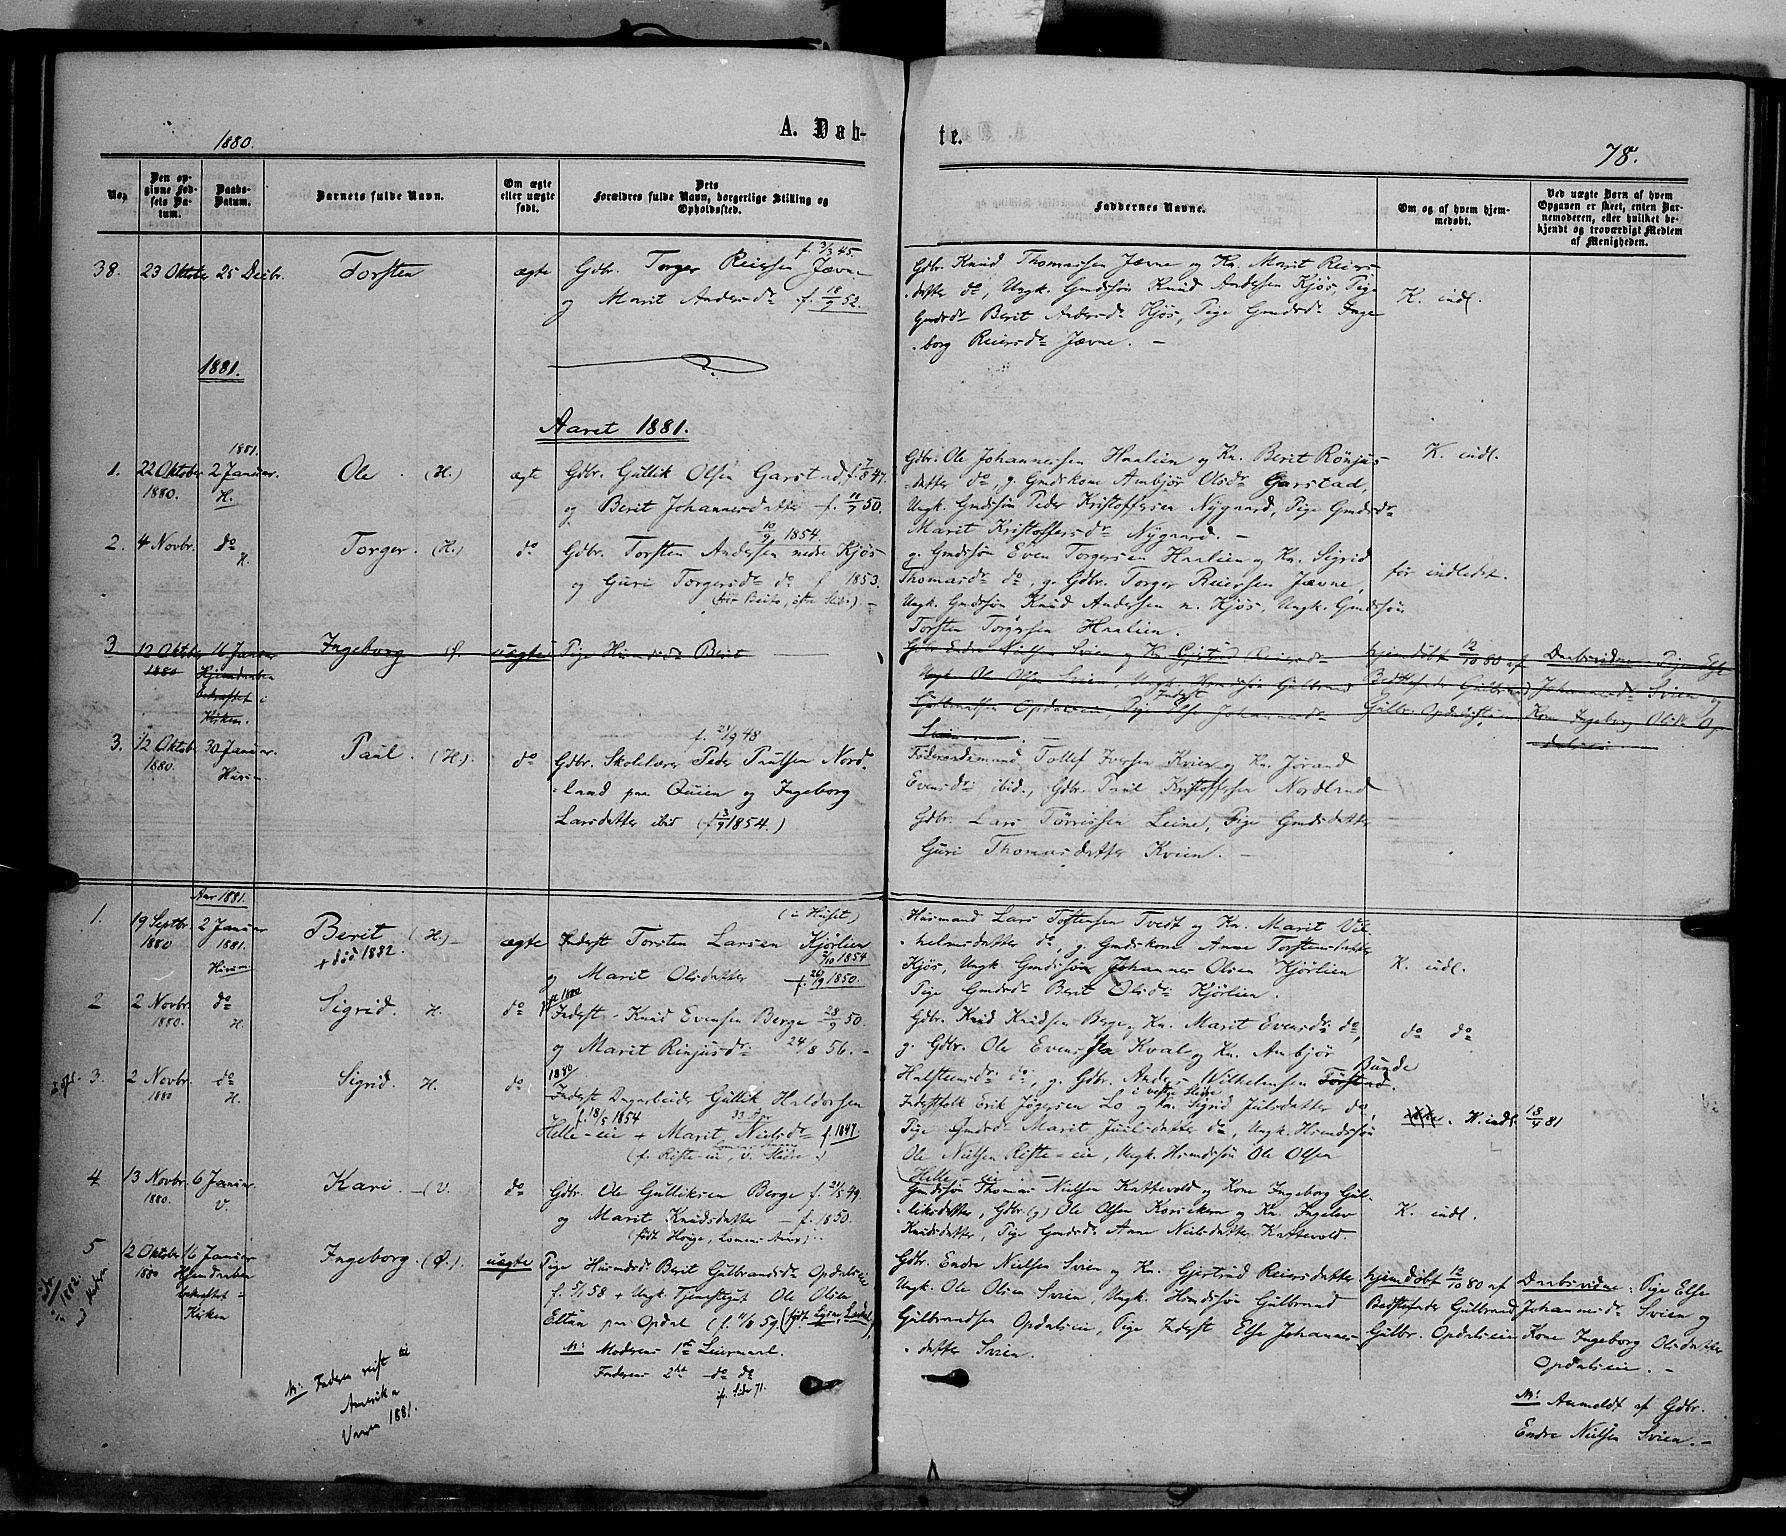 SAH, Vang prestekontor, Valdres, Ministerialbok nr. 7, 1865-1881, s. 78